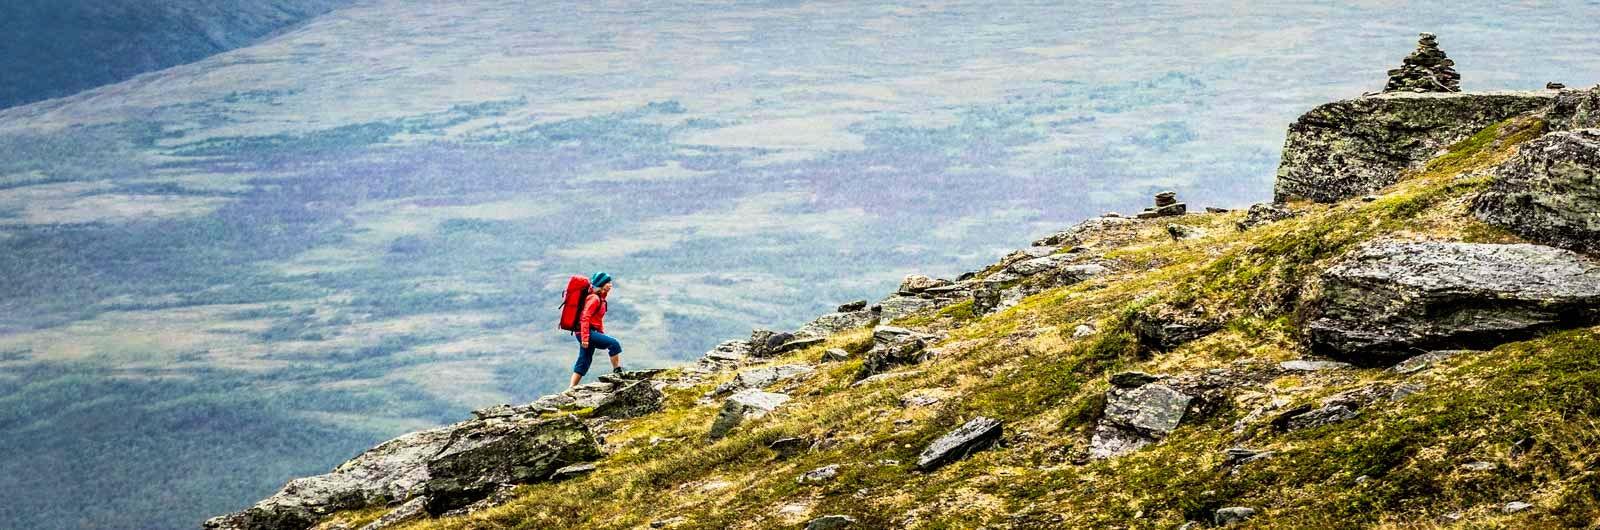 Rödklädd vandrare i vackert landskap